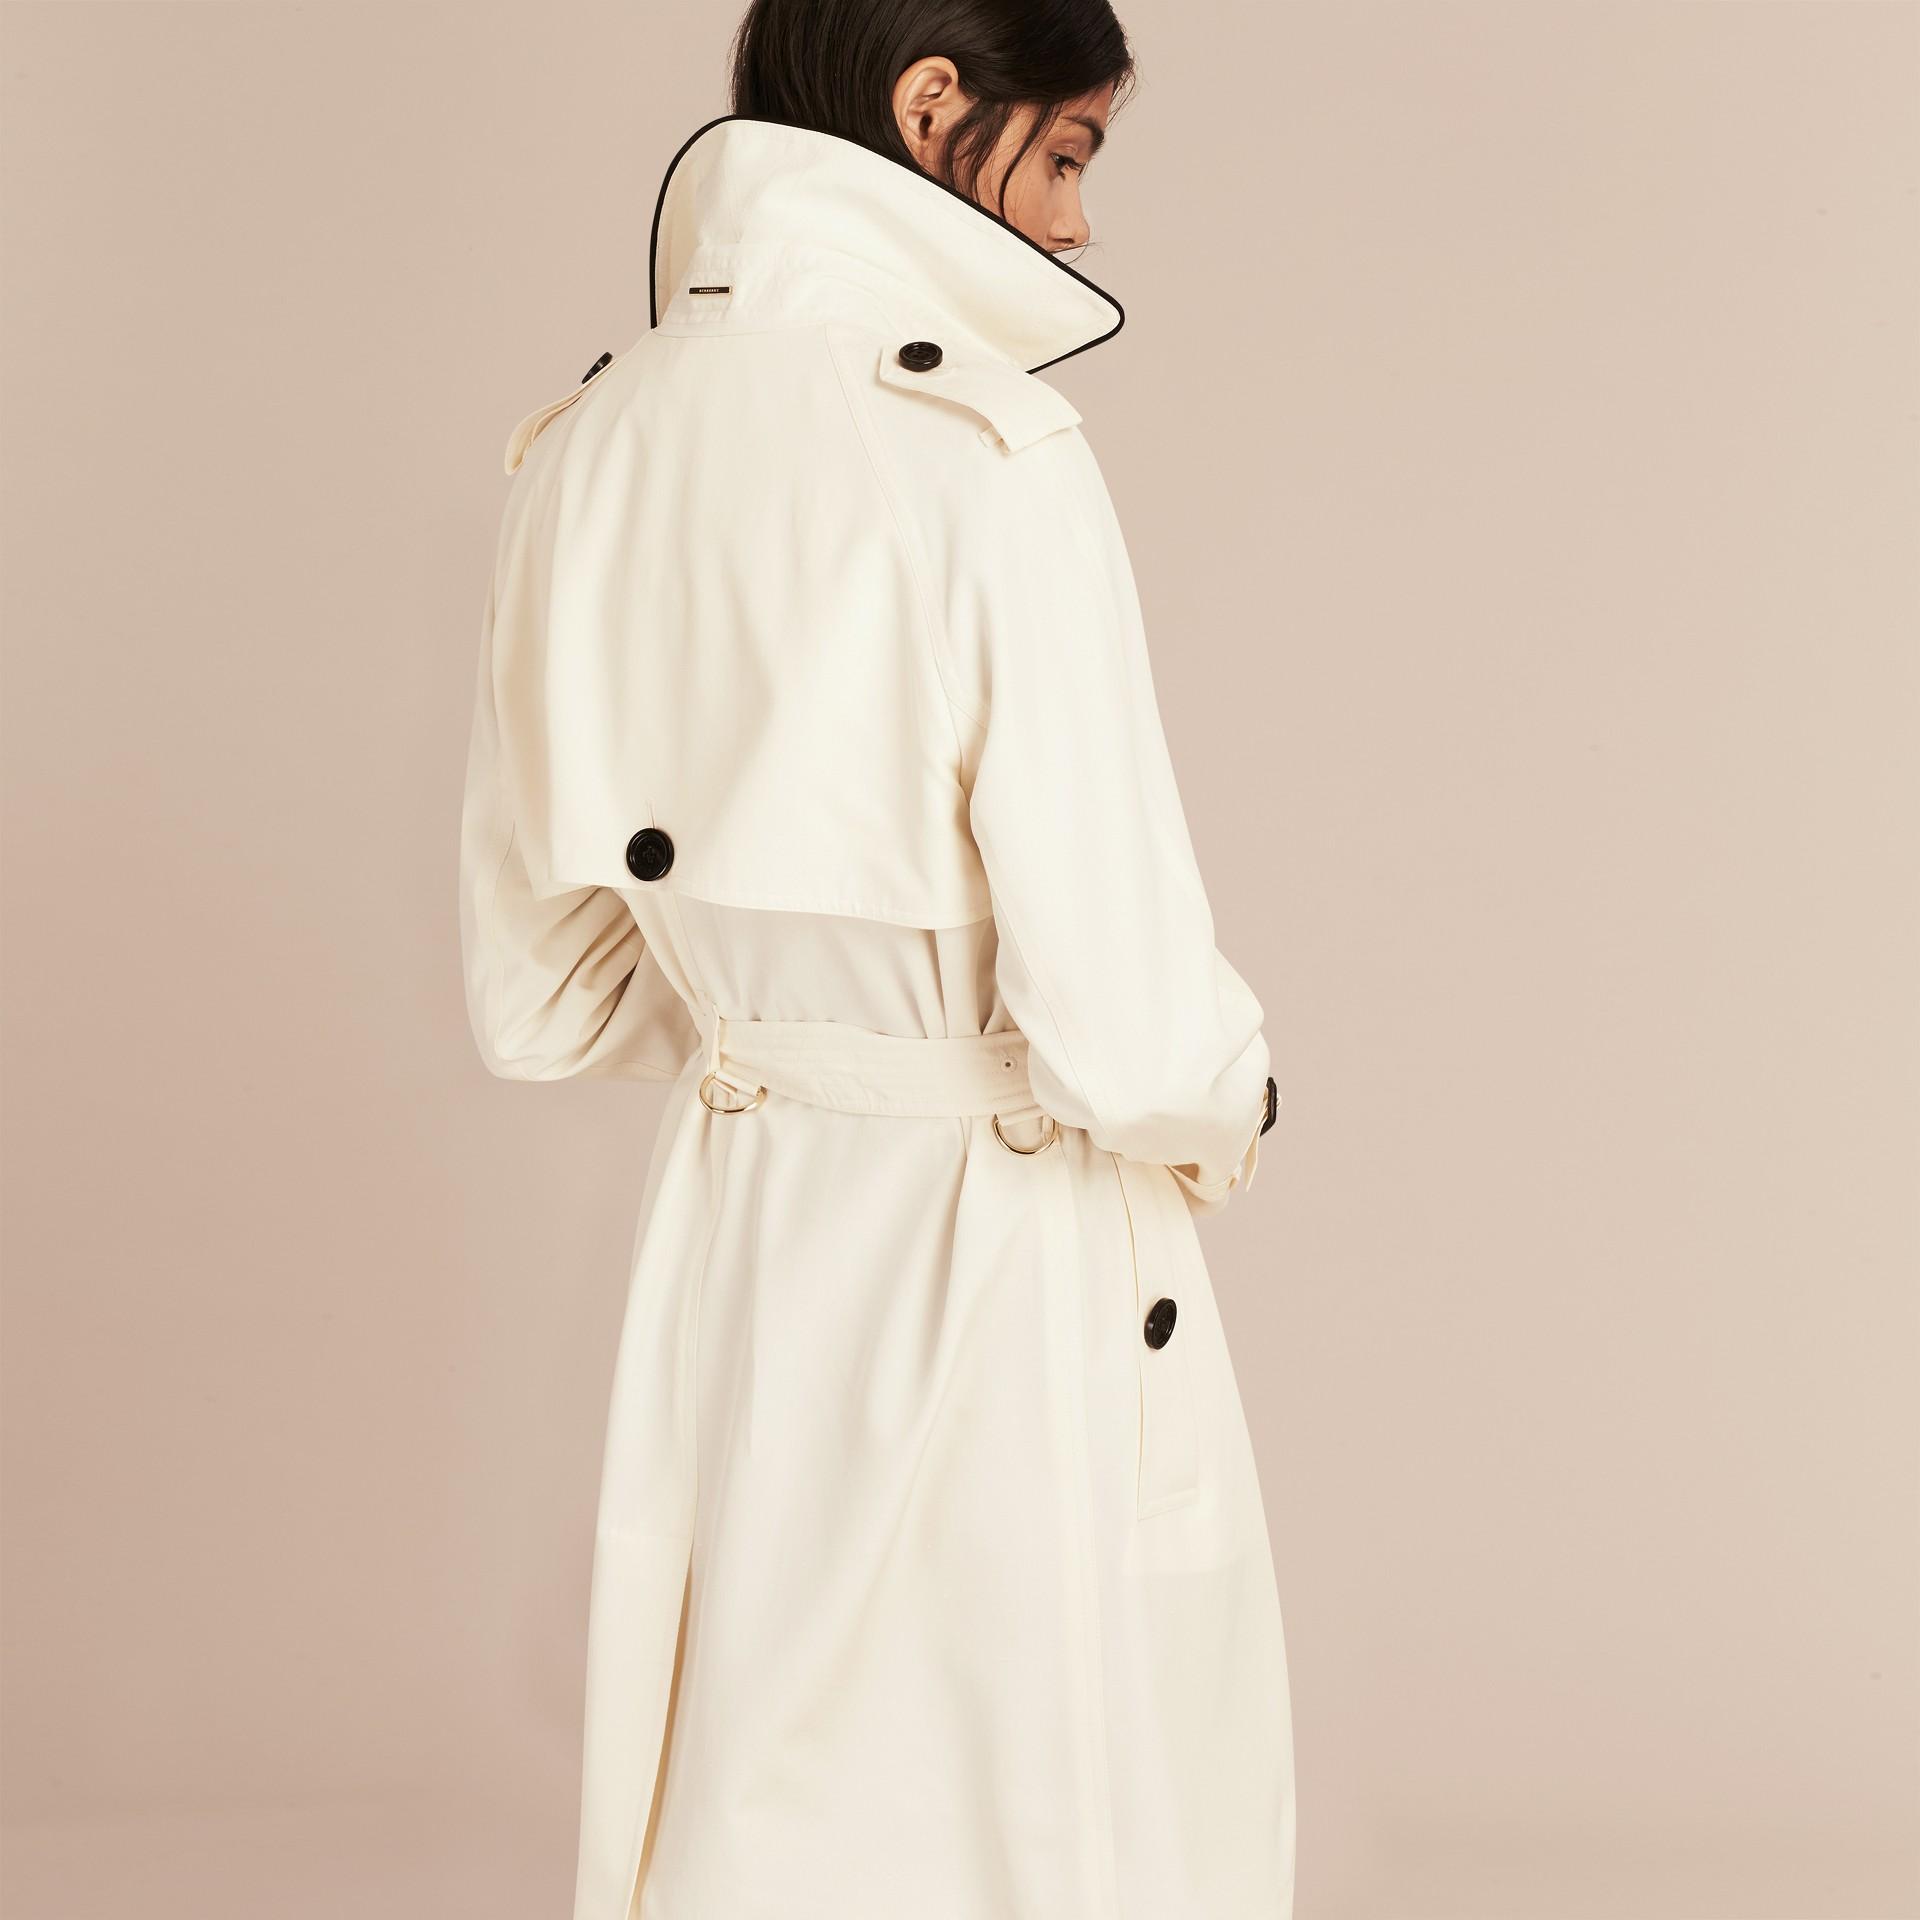 Parchemin Trench-coat en soie avec détails oversize Parchemin - photo de la galerie 3